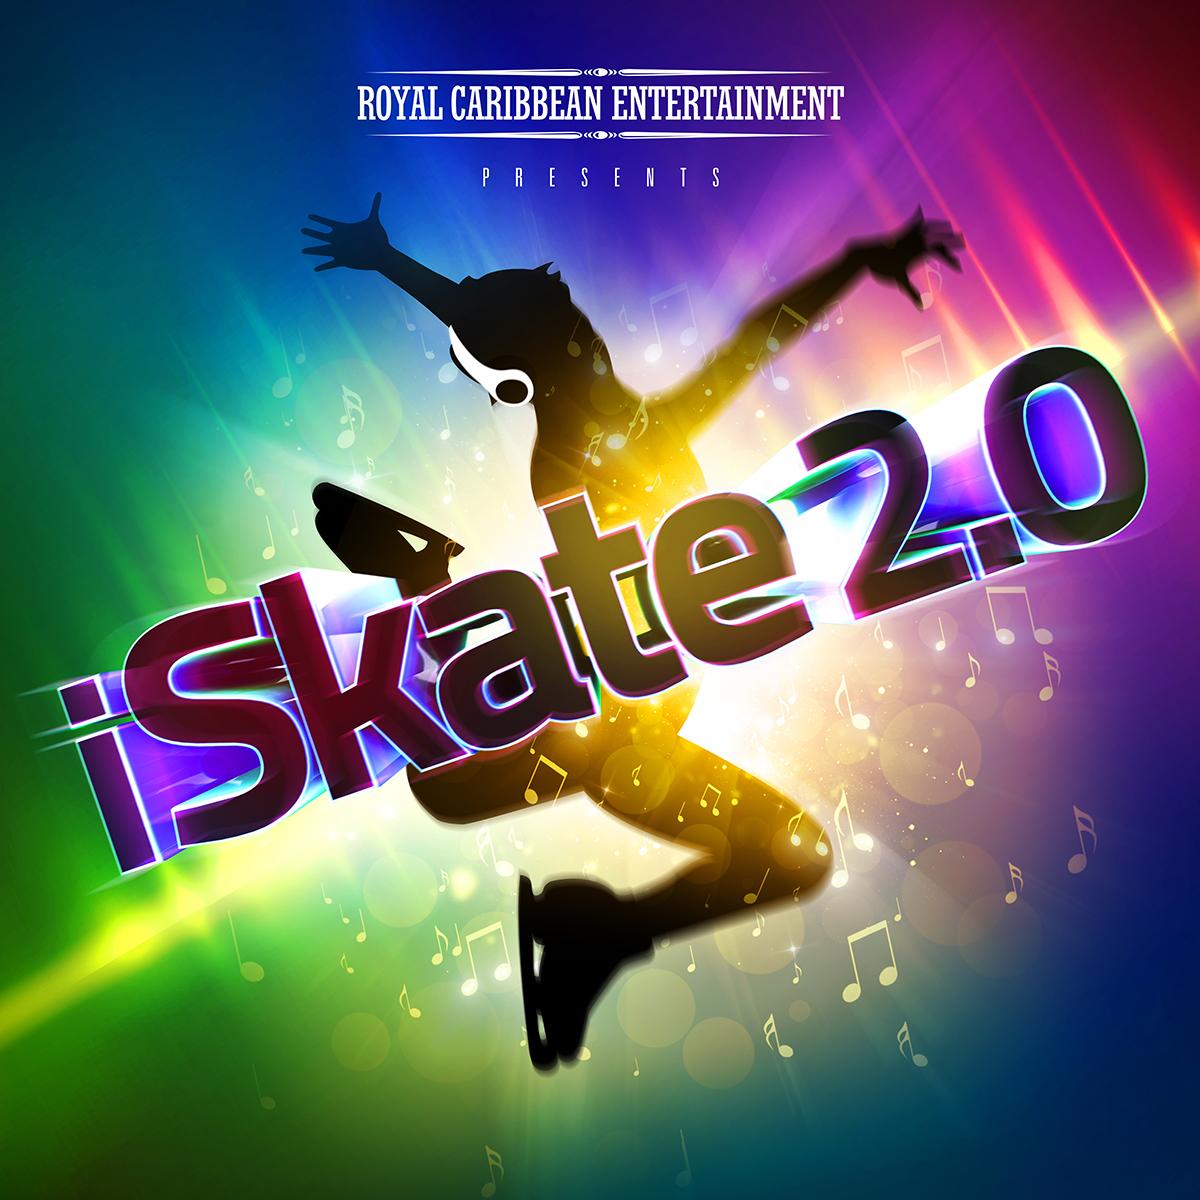 iskate-2.0_logo